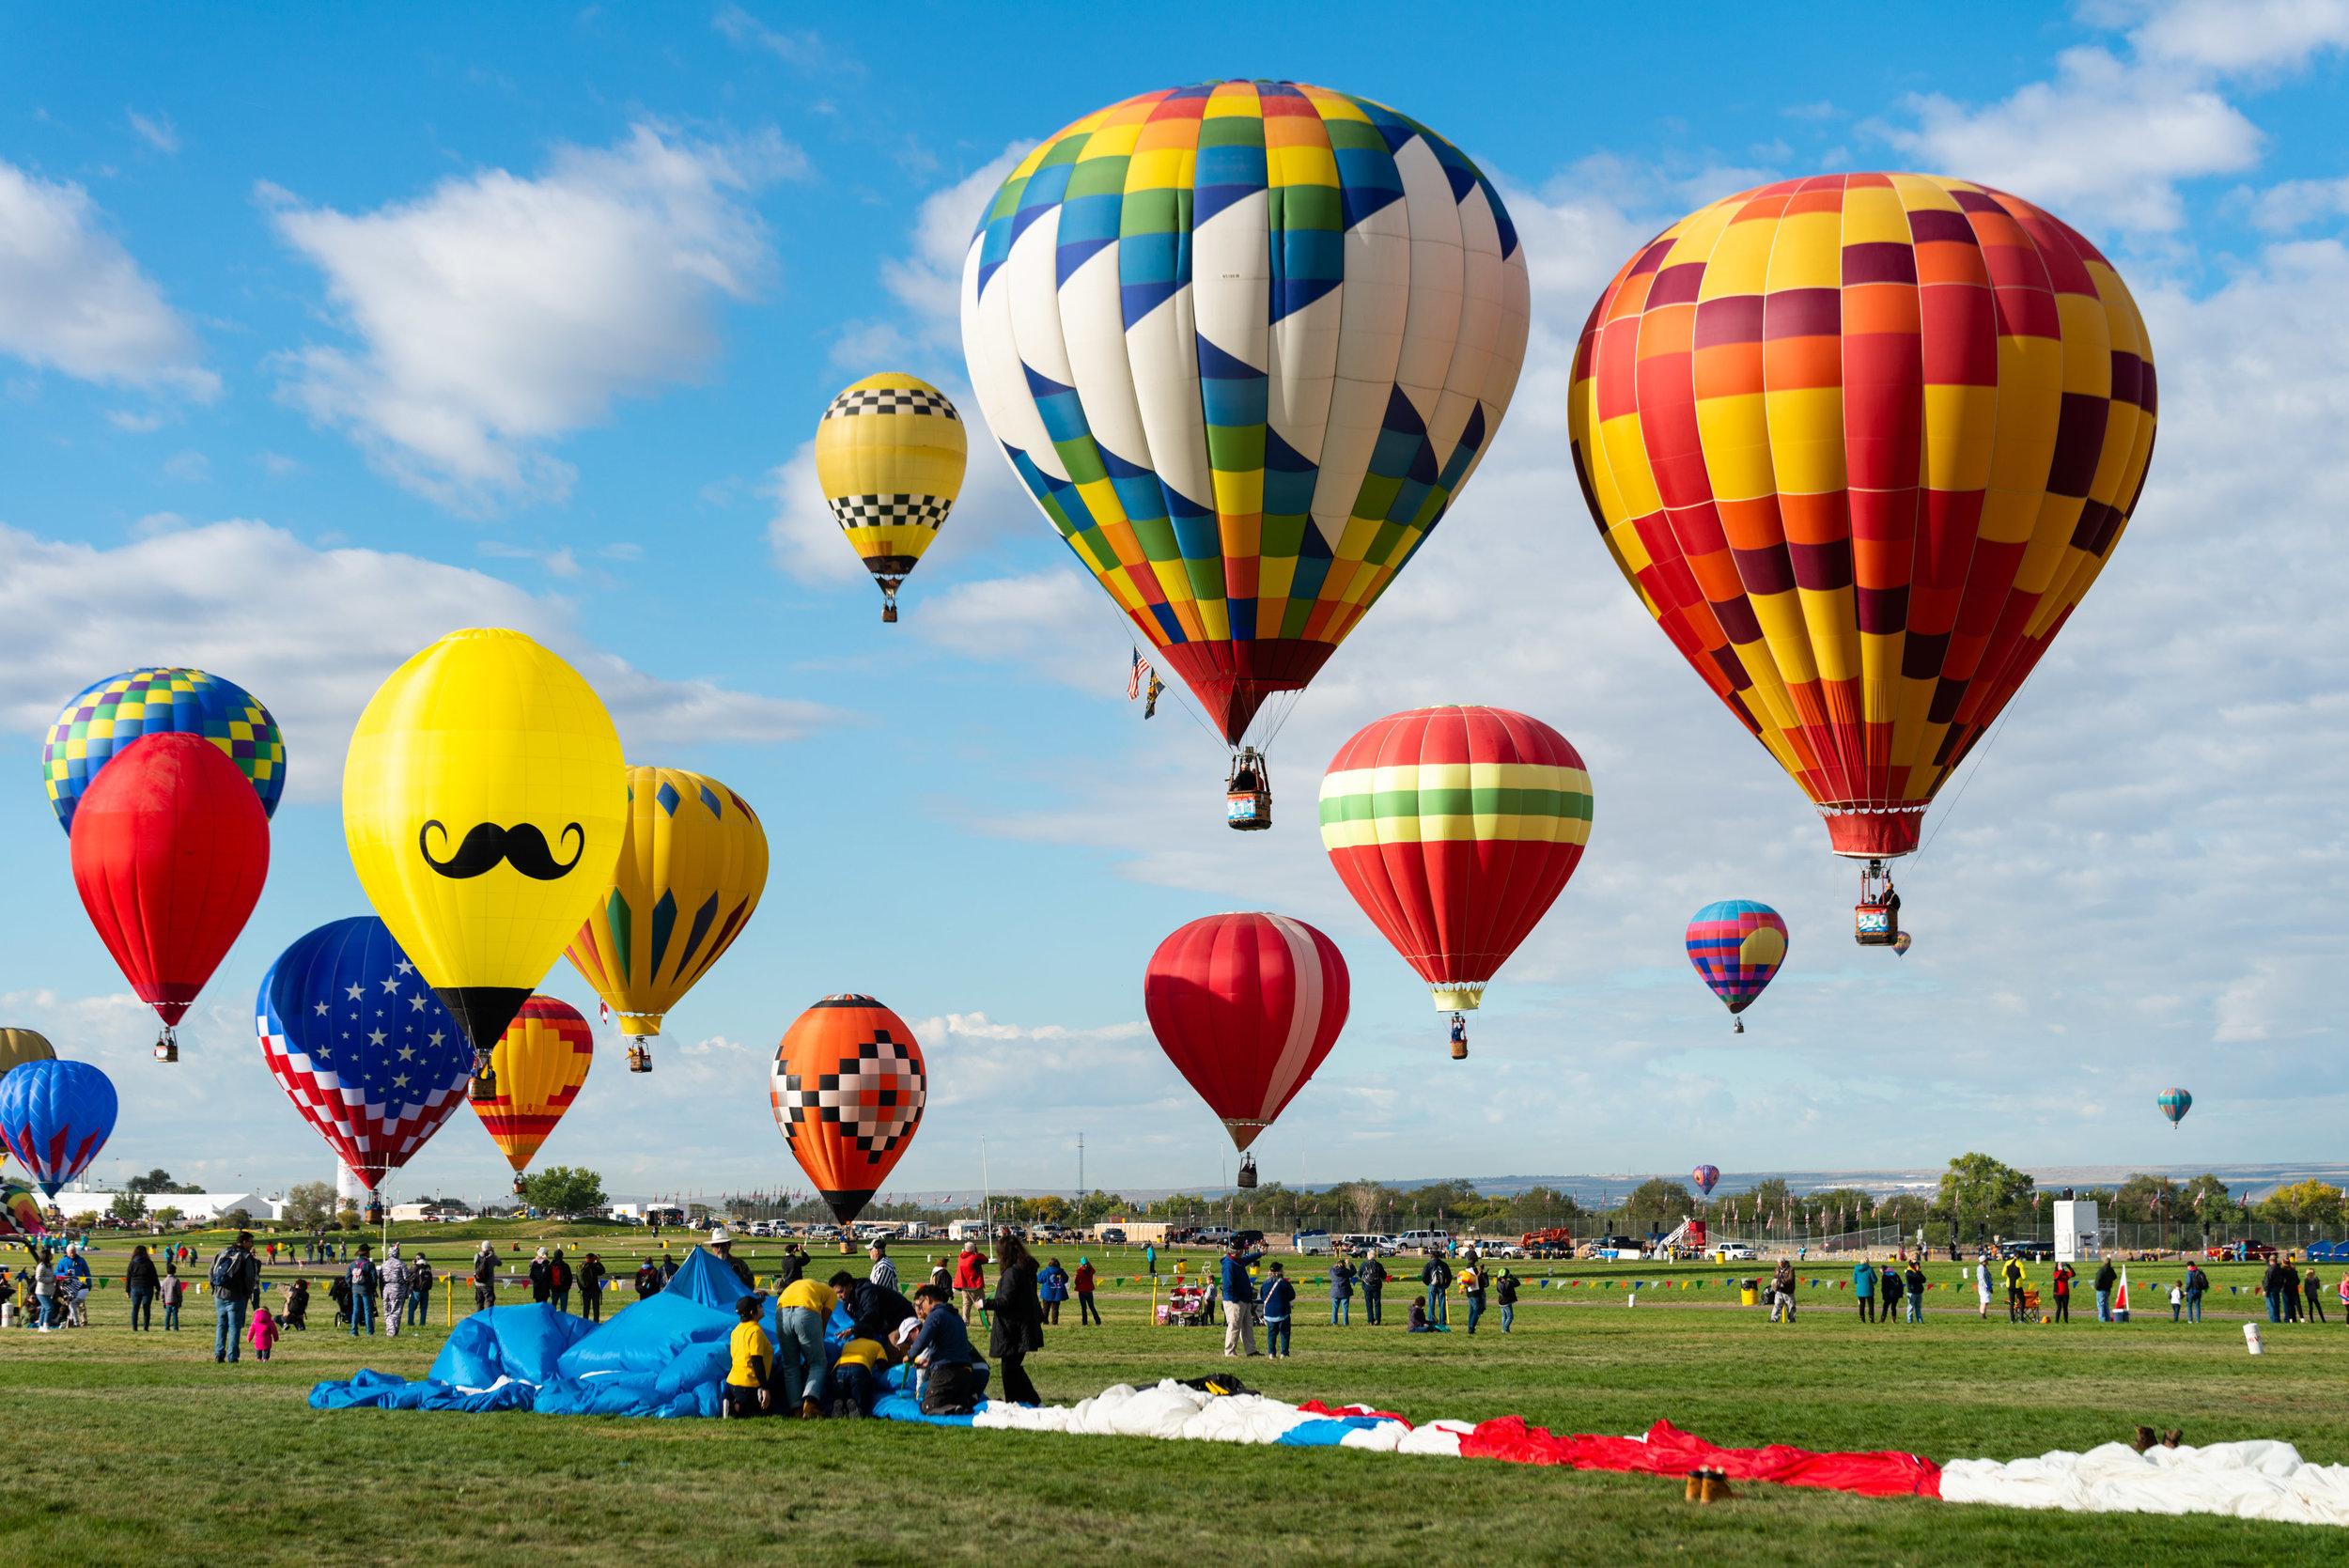 Balloon Fiesta - Albuquerque, New Mexico